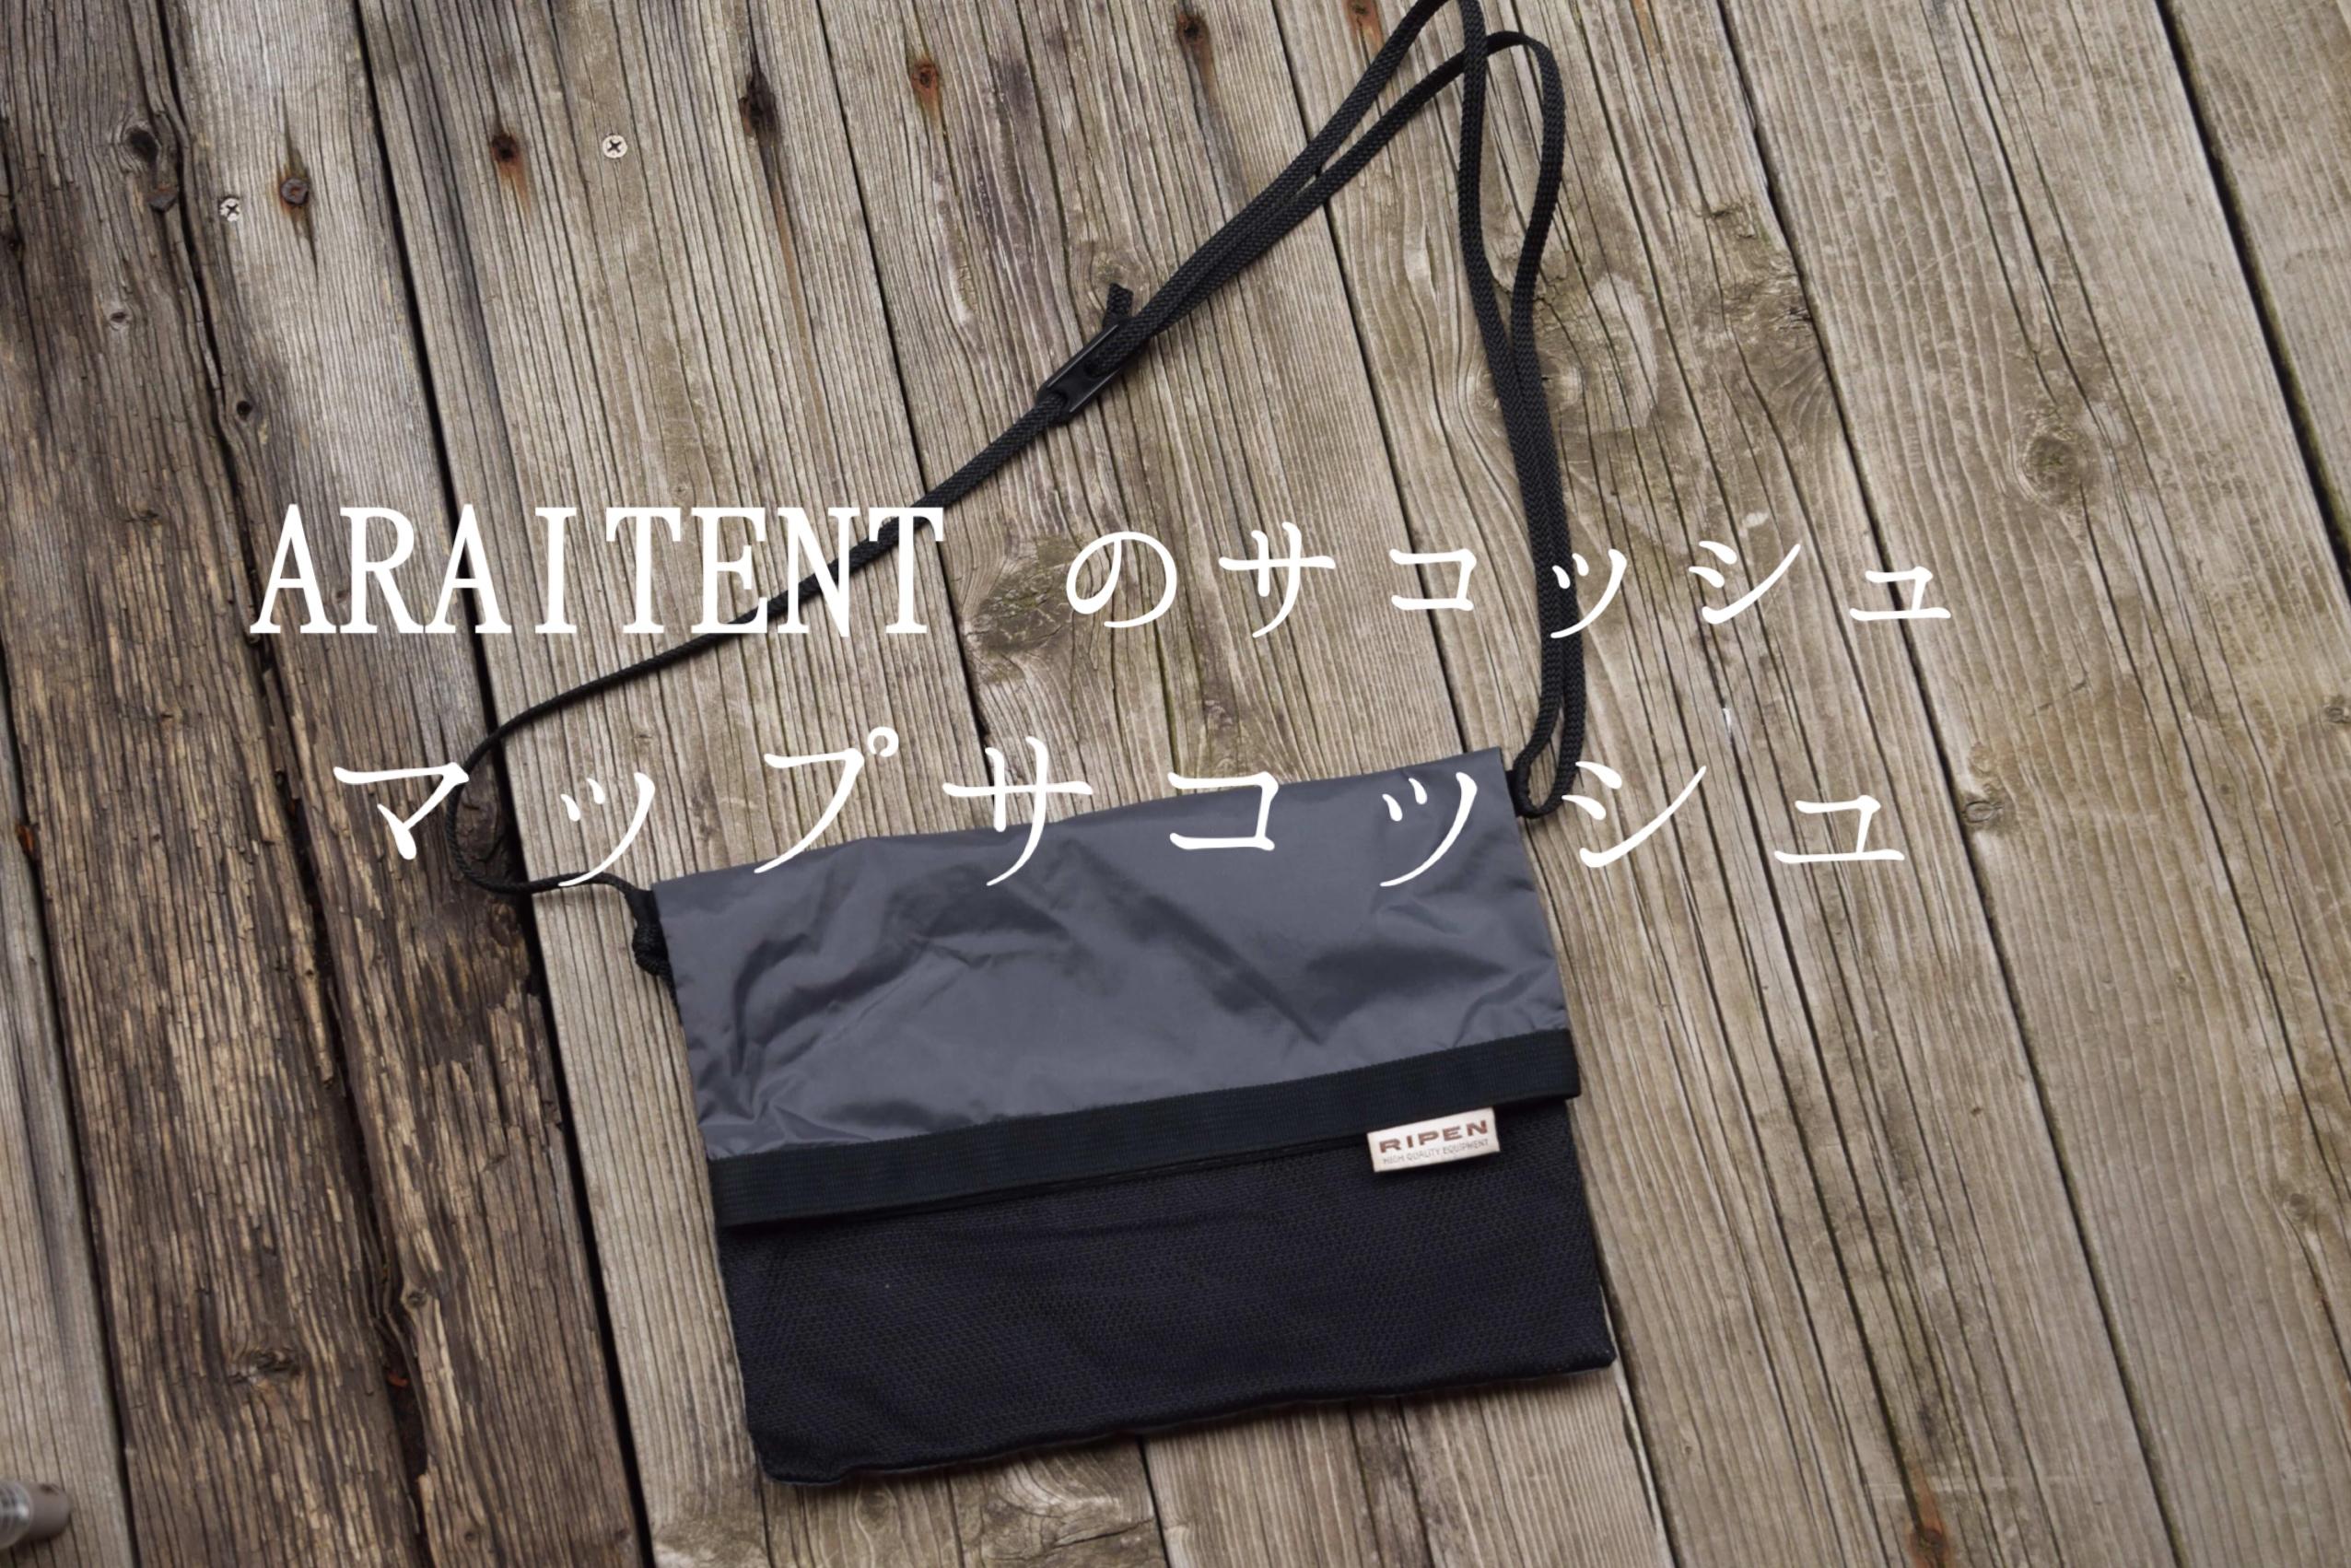 【ギアレビュー】安いし使えるサコッシュ。アライテントのマップサコッシュ!